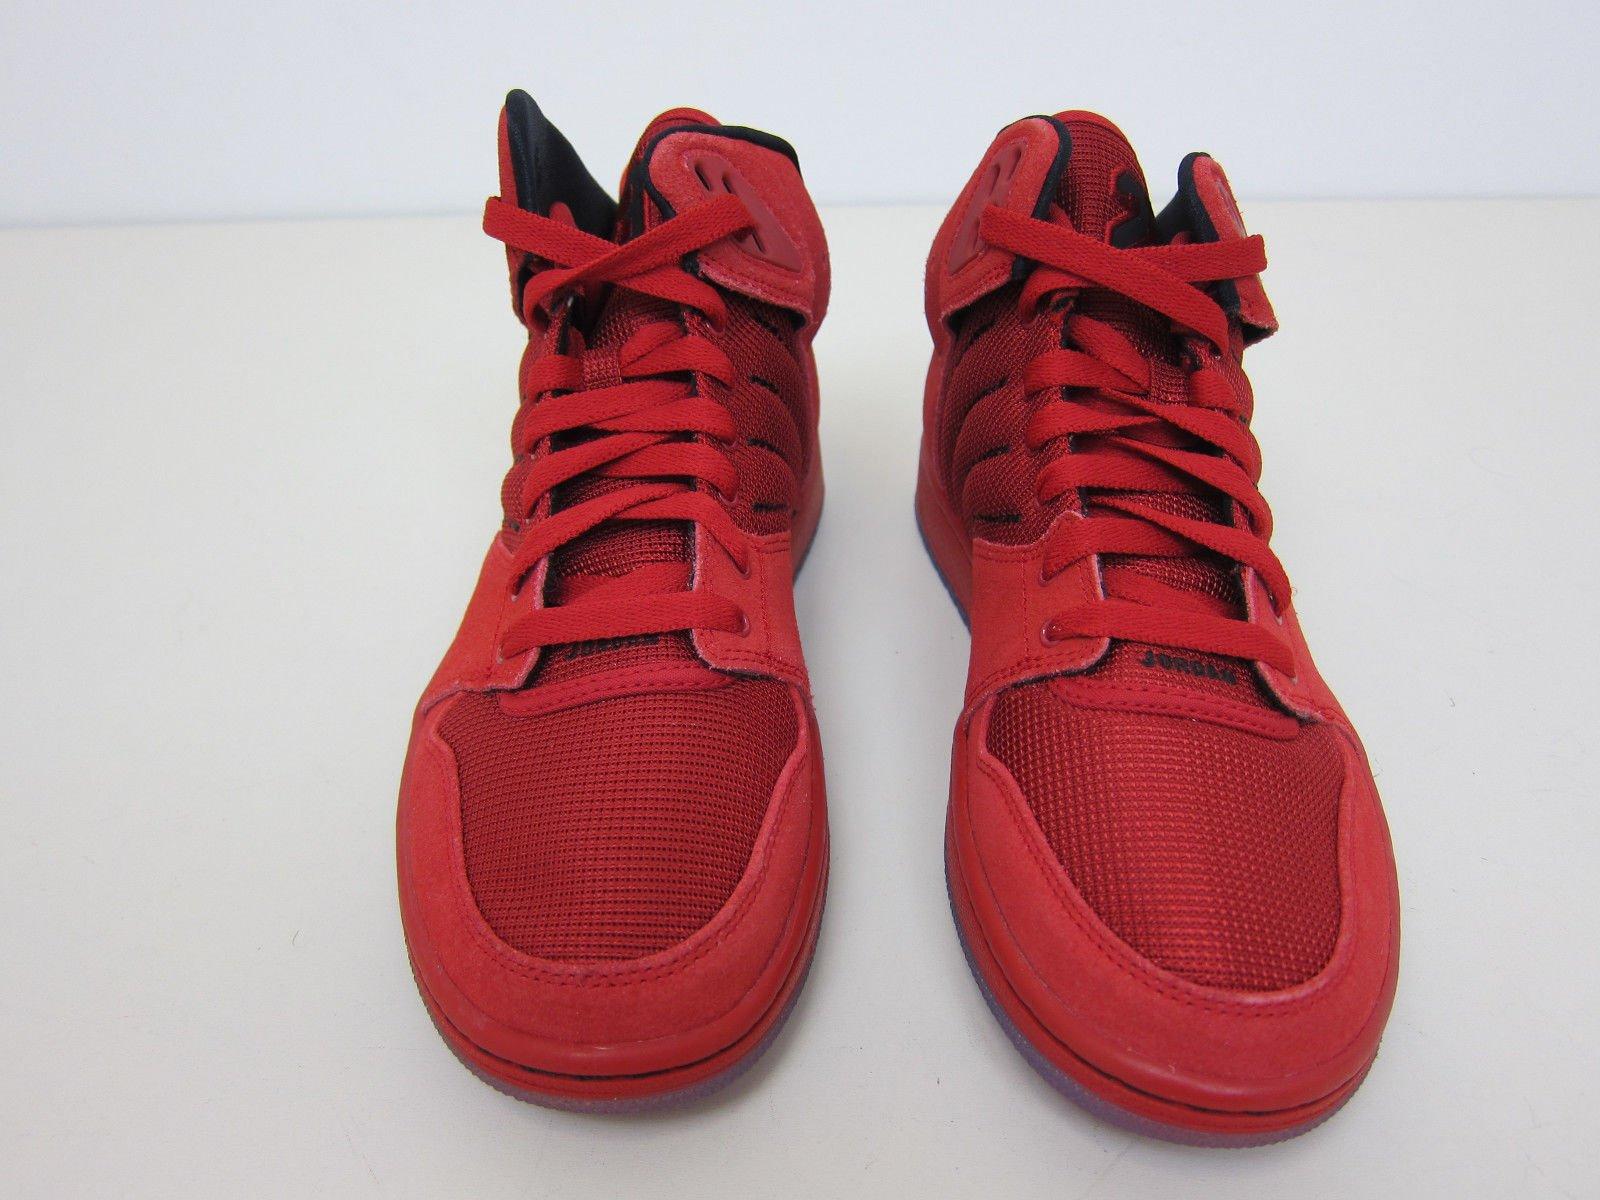 Nike Air Jordan 1 Flight 4 Premium Basketball Shoes Sneakers, Mens Size 11